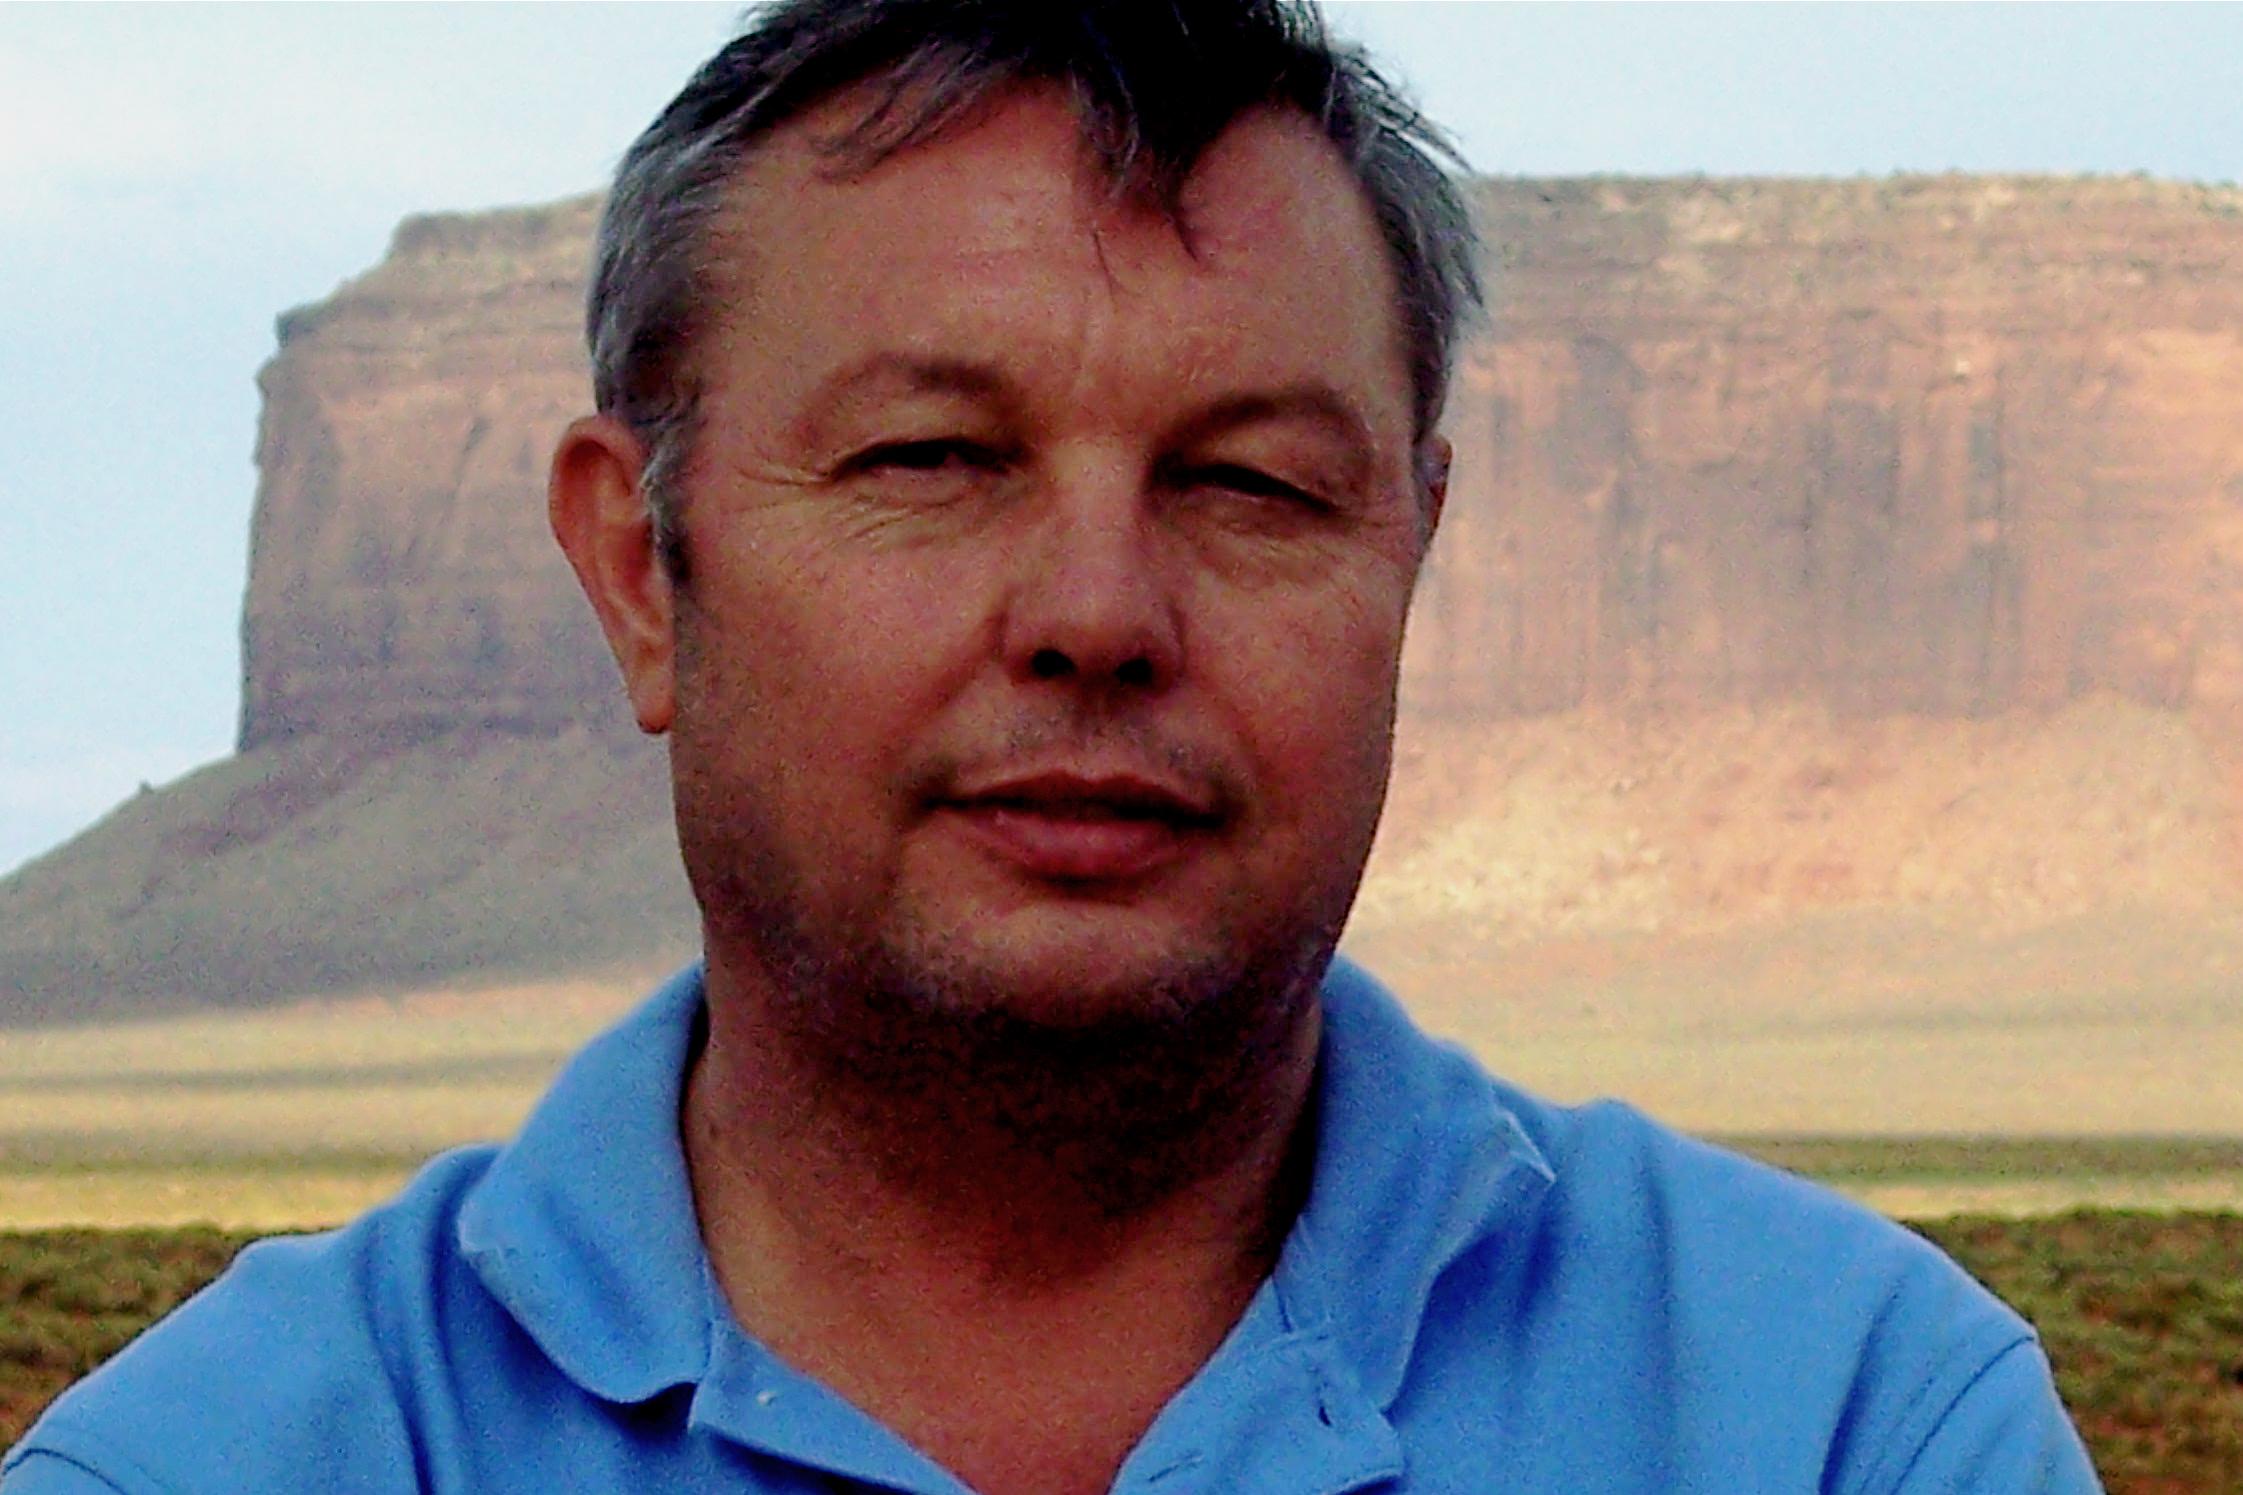 George Snoddy